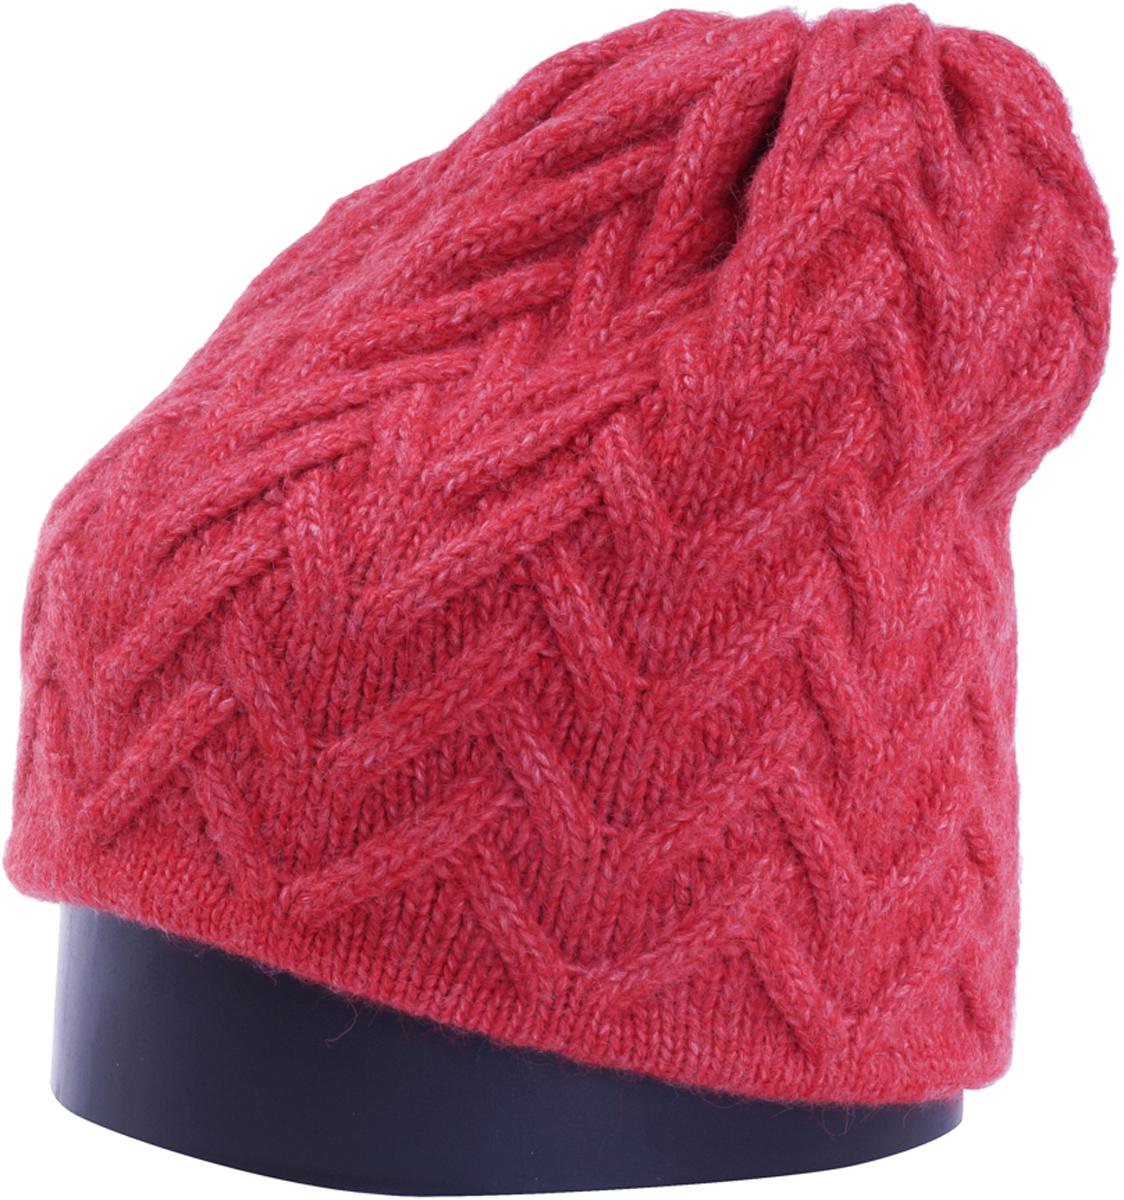 Шапка женская Vittorio Richi, цвет: коралловый. Aut141936V-28/17. Размер 56/58Aut141936VСтильная женская шапка Vittorio Richi отлично дополнит ваш образ в холодную погоду. Модель, изготовленная из высококачественных материалов, максимально сохраняет тепло и обеспечивает удобную посадку. Шапка дополнена ажурной вязкой. Привлекательная стильная шапка подчеркнет ваш неповторимый стиль и индивидуальность.